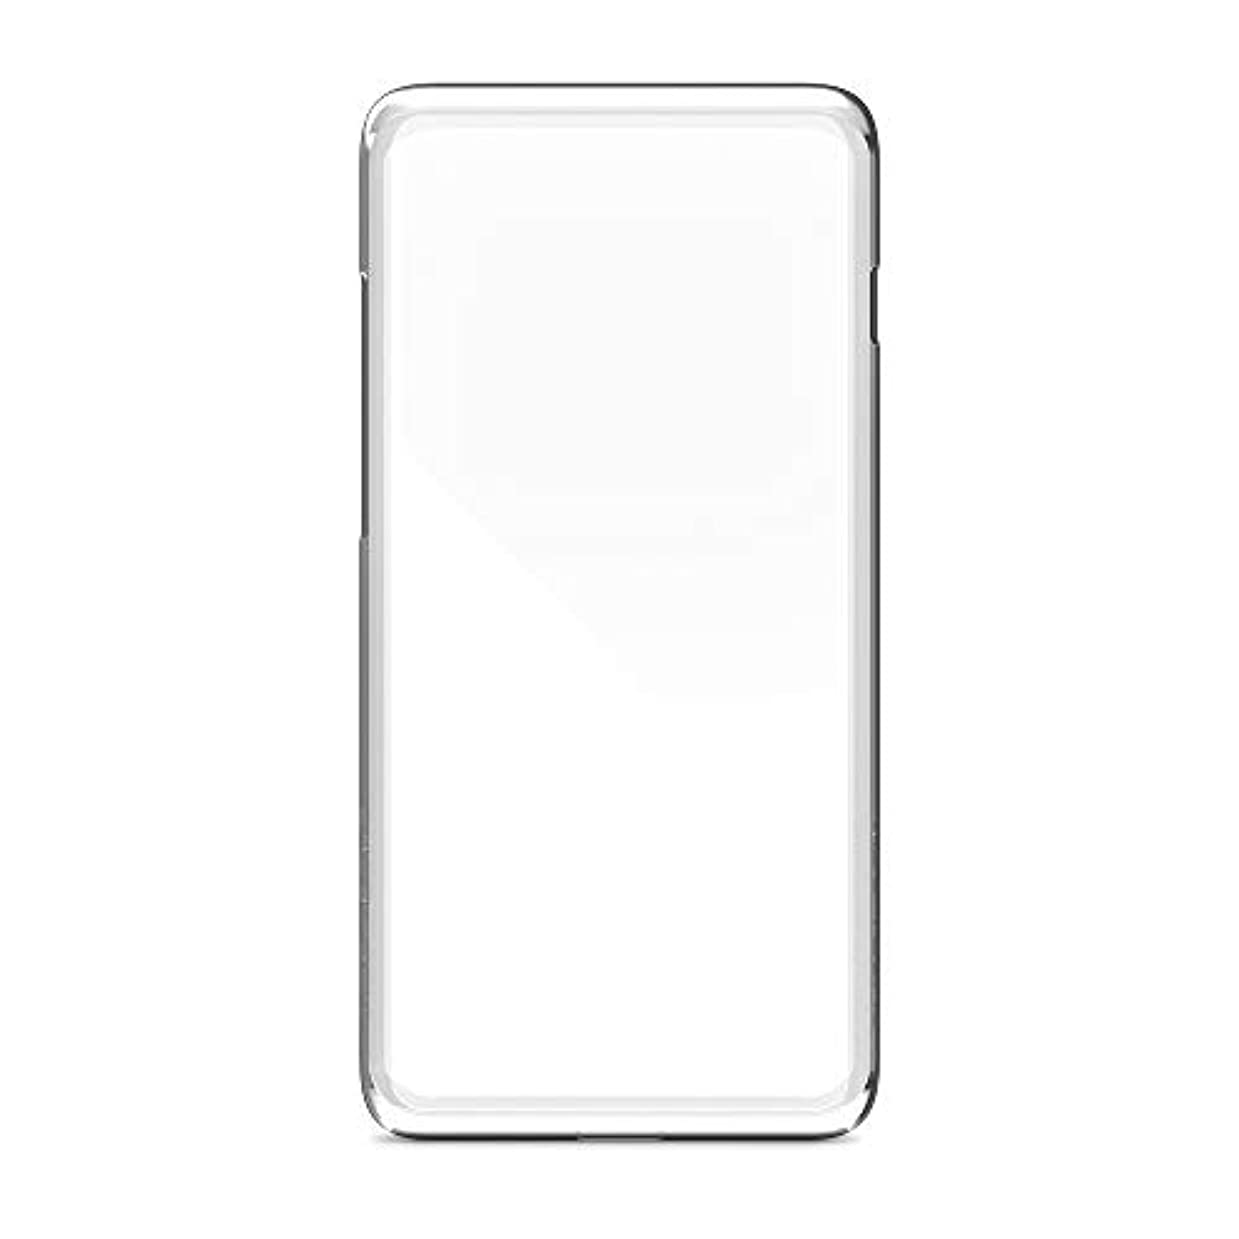 謙虚魔術考慮クアッドロック(QUAD LOCK) レインポンチョ 雨天用カバー - Galaxy S9+用 QLC-PON-GS10PLS